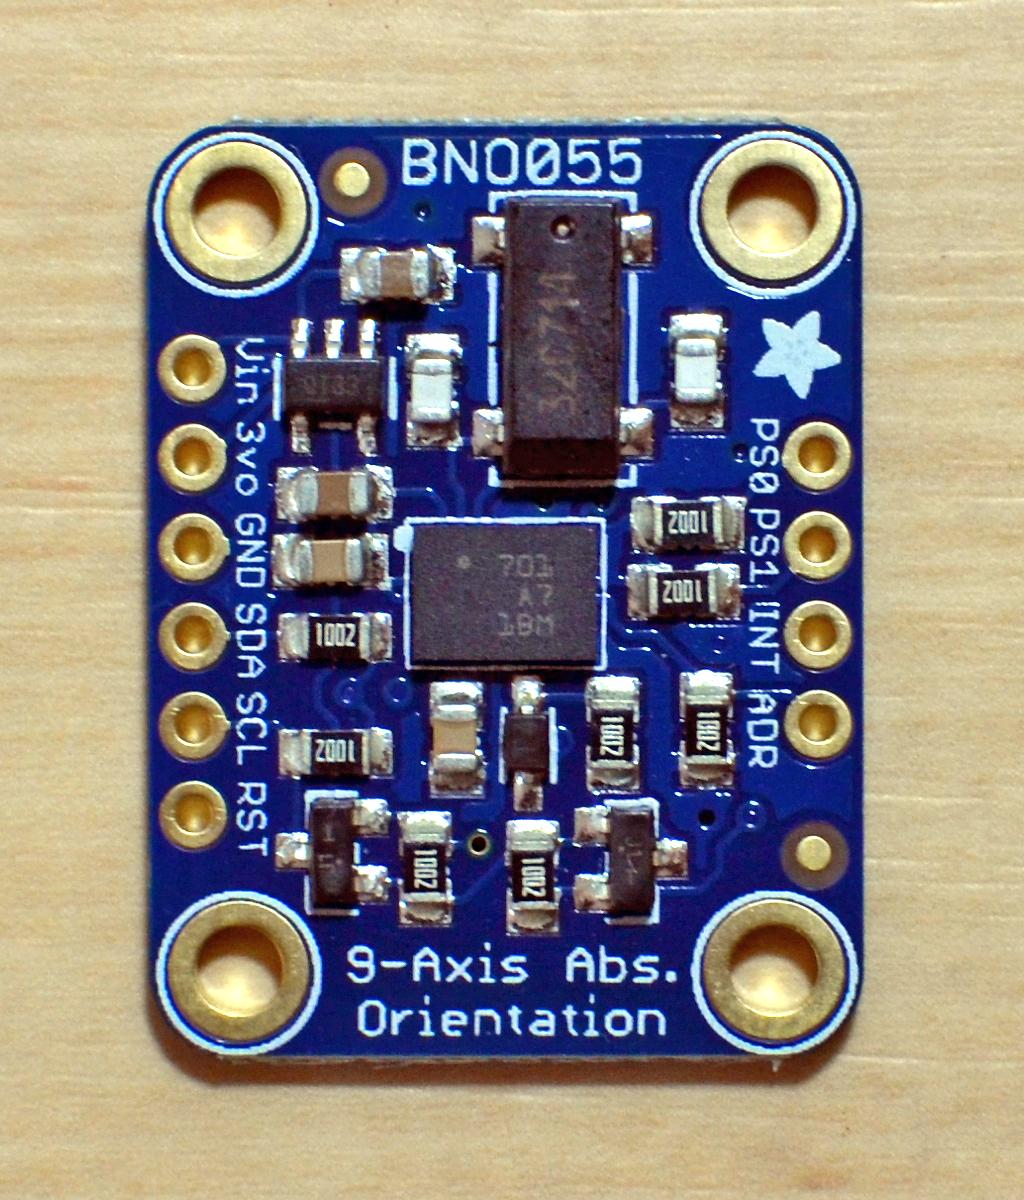 Bosch BNO055